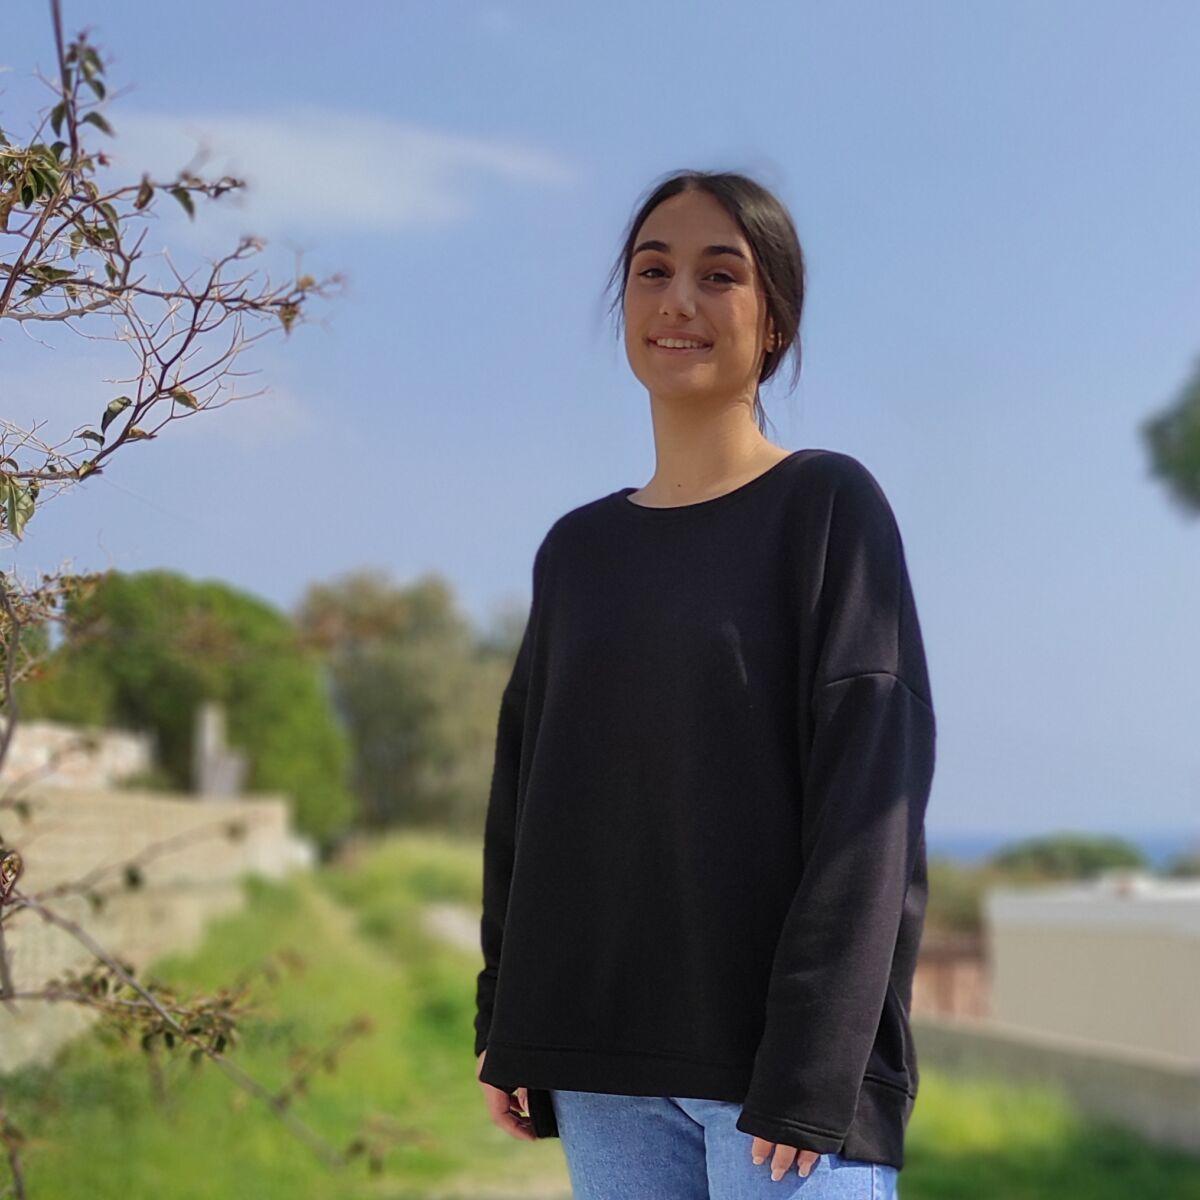 Φούτερ μαύρο ασύμμετρο Μπλούζες Ρούχα αξεσουάρ